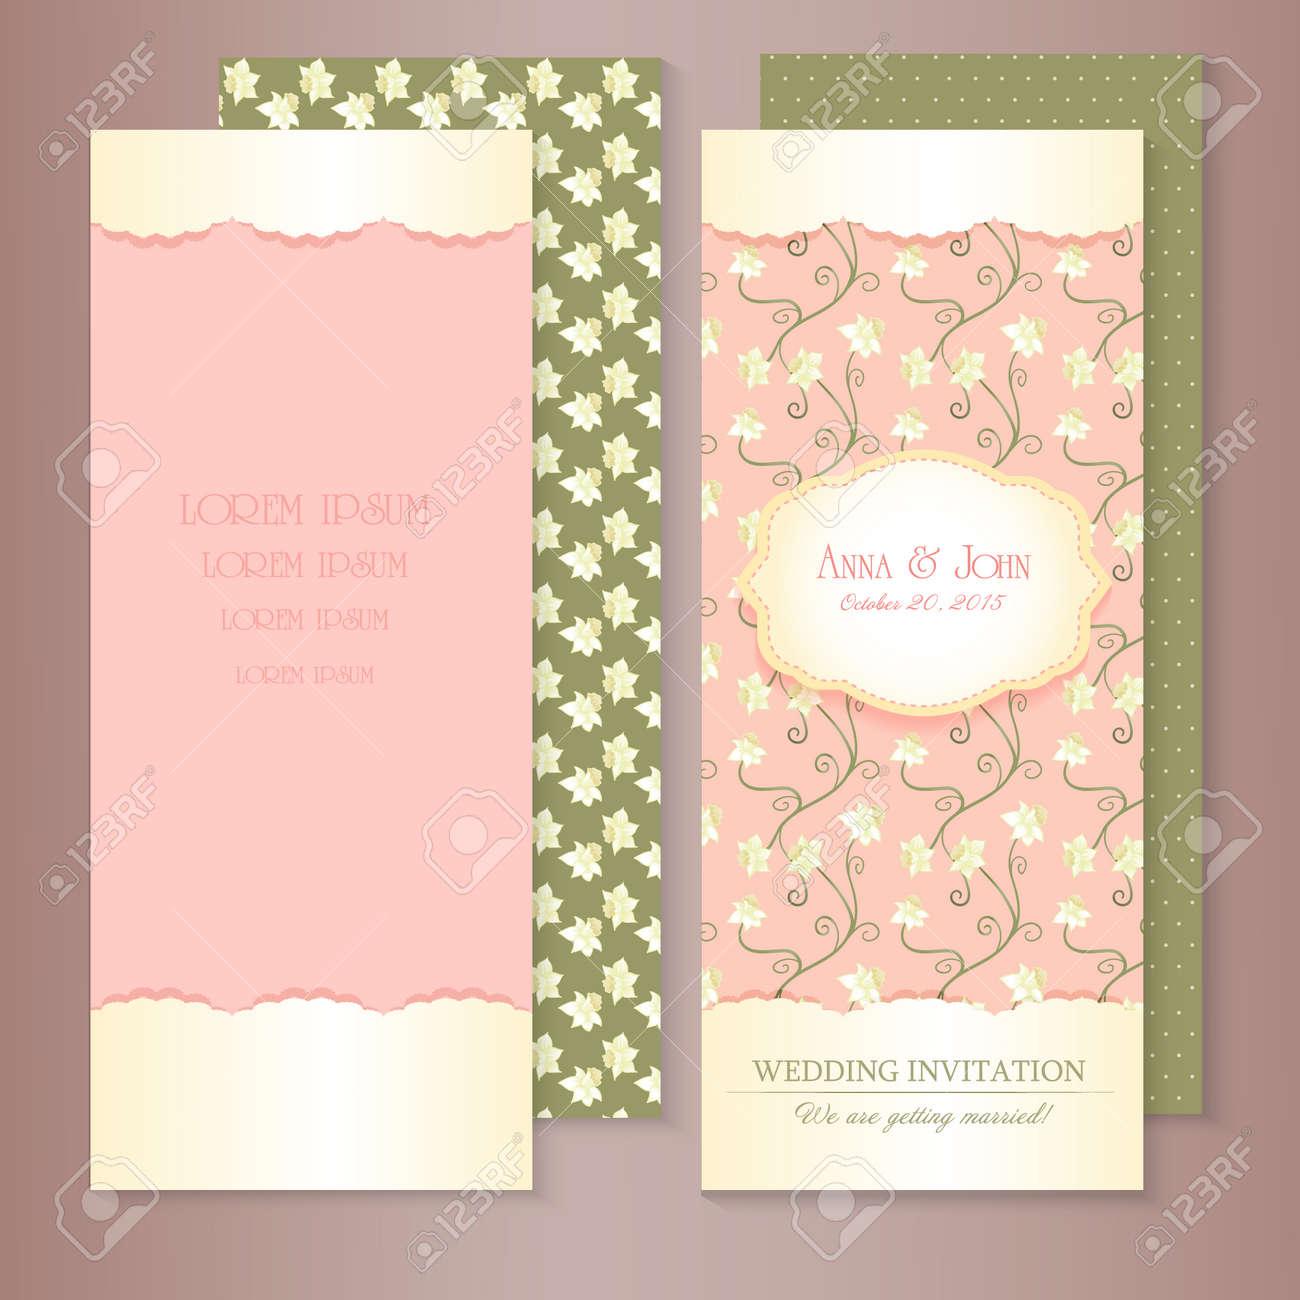 Conjunto De La Tarjeta De Invitación Matrimonio Ilustración Del Vector Reserva Floral De La Fecha O De La Boda Conjunto Estilo Inglés El Marco De